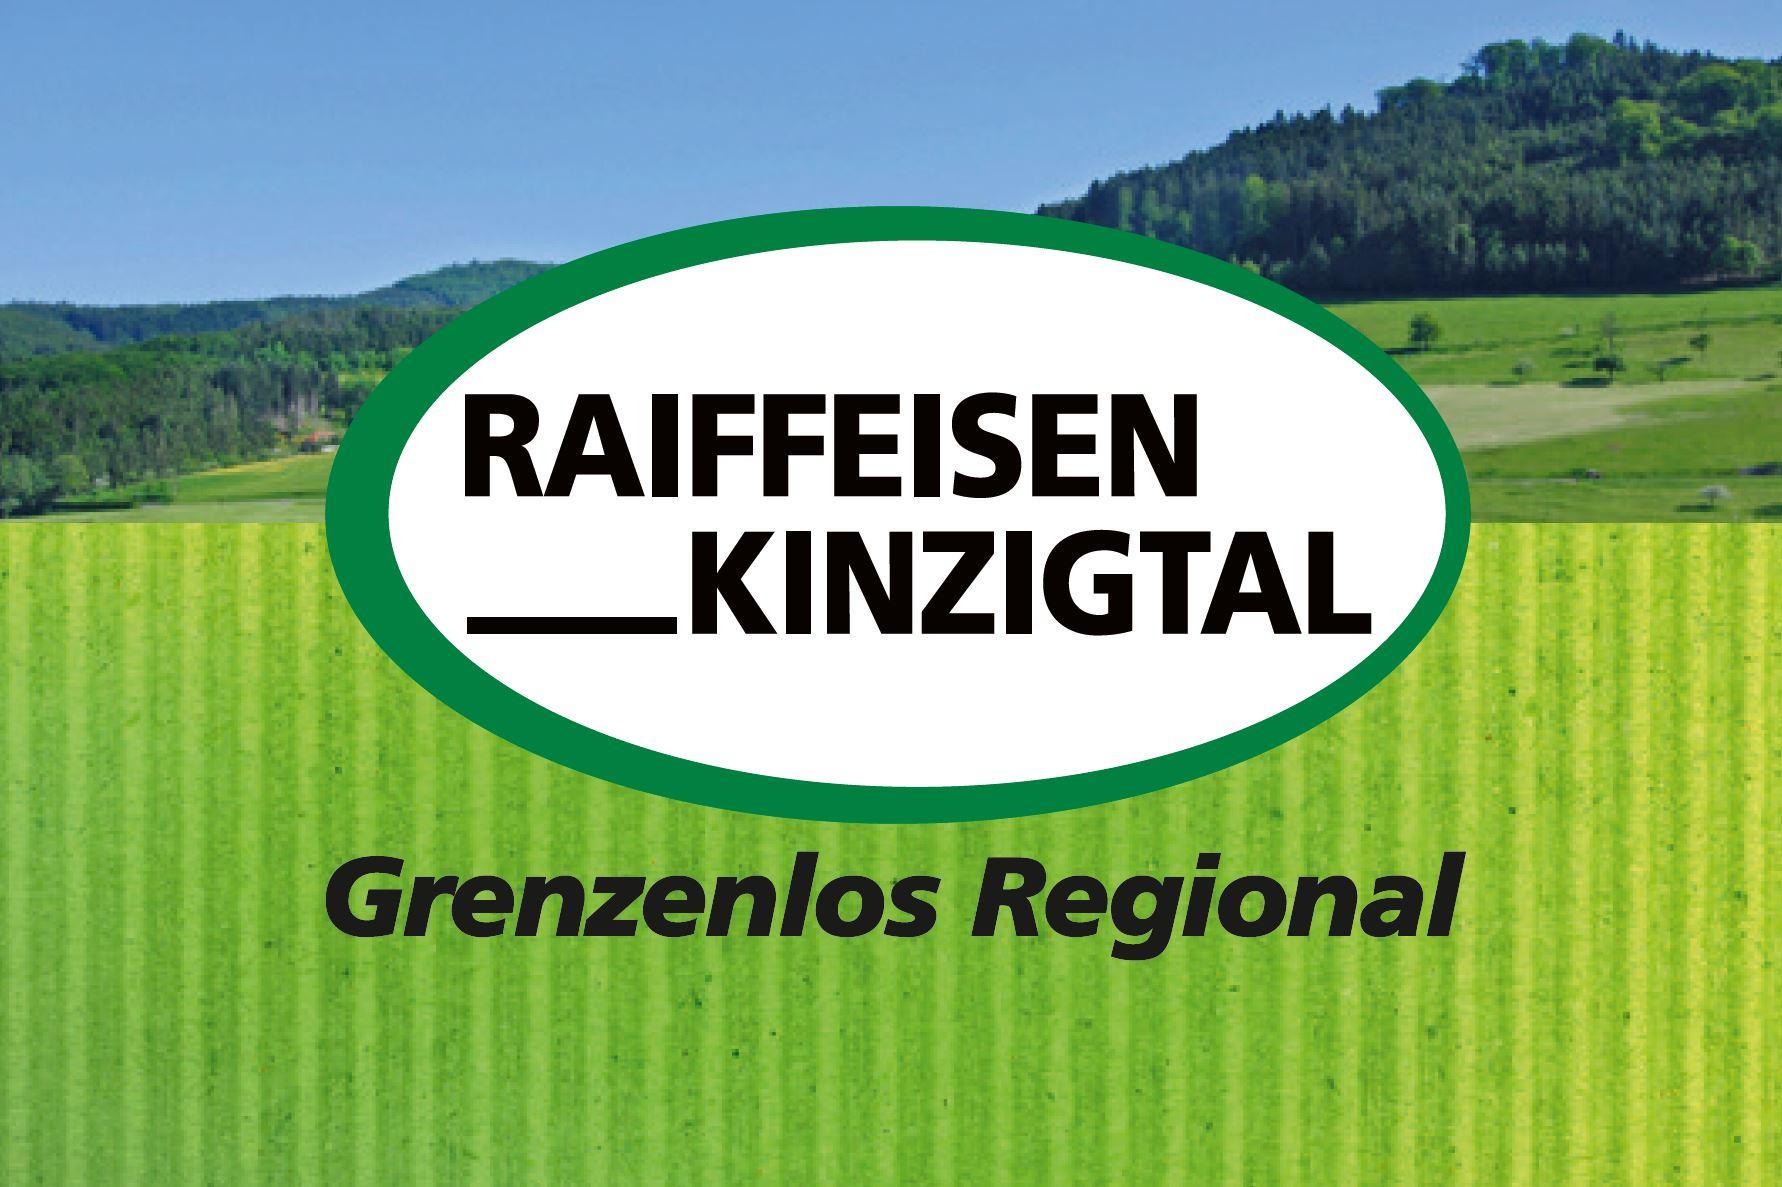 Raiffeisen Kinzigtal Anzeige Grenzenlos Regional